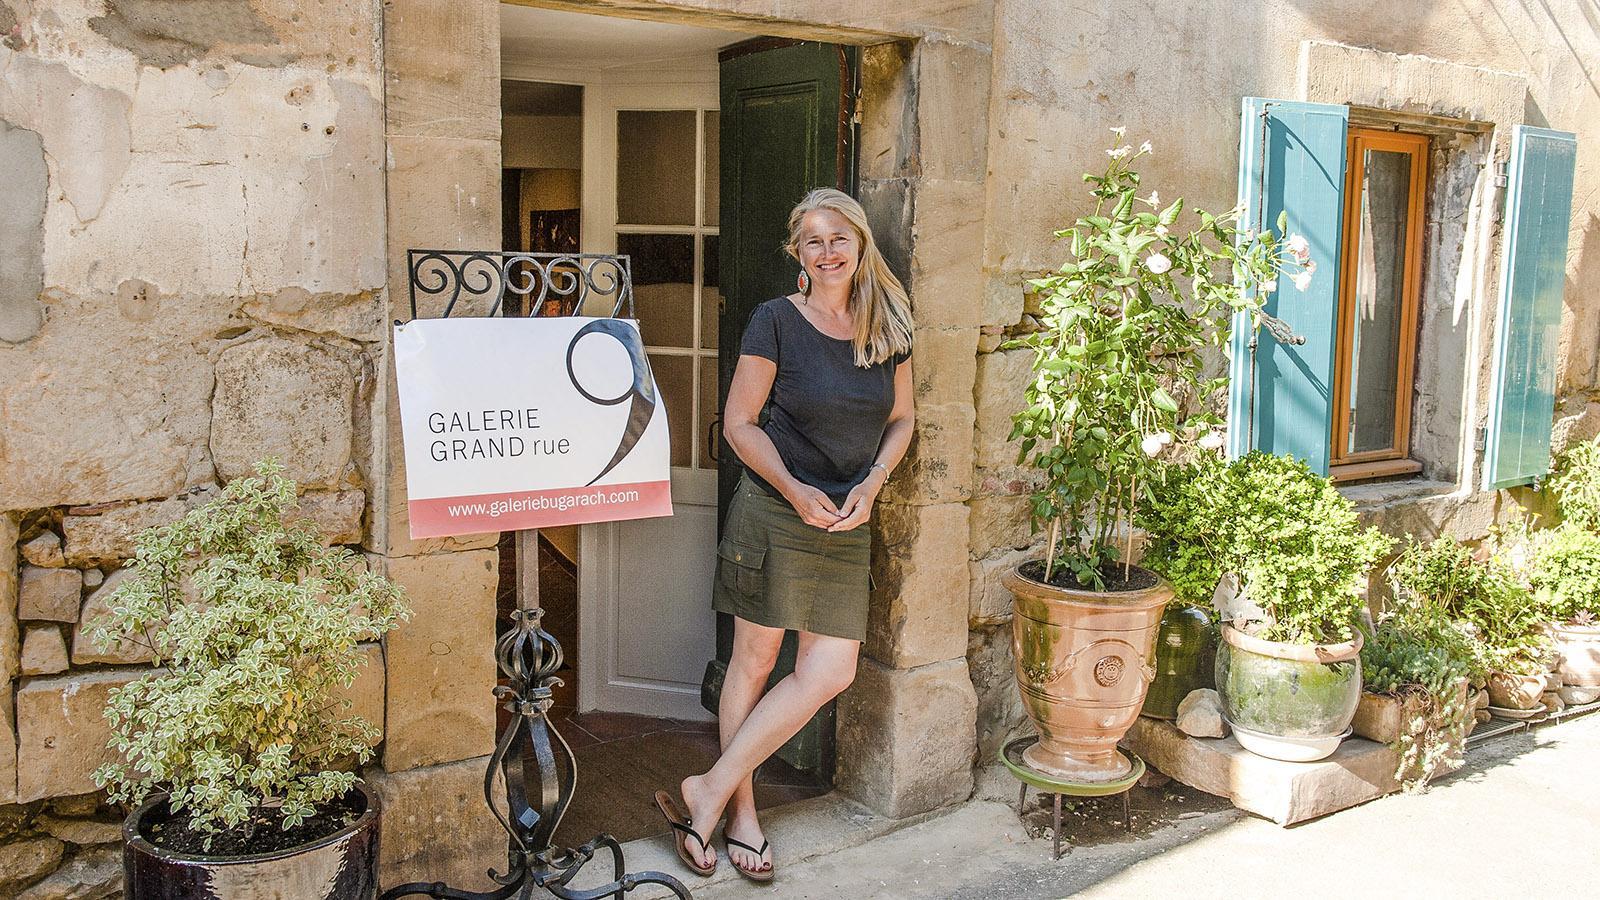 Bugarach: Diane Liljelund und BeBucharach:: Bugarach: Diane Liljelund vor ihrer Galerie. Foto: Hilke Maunder